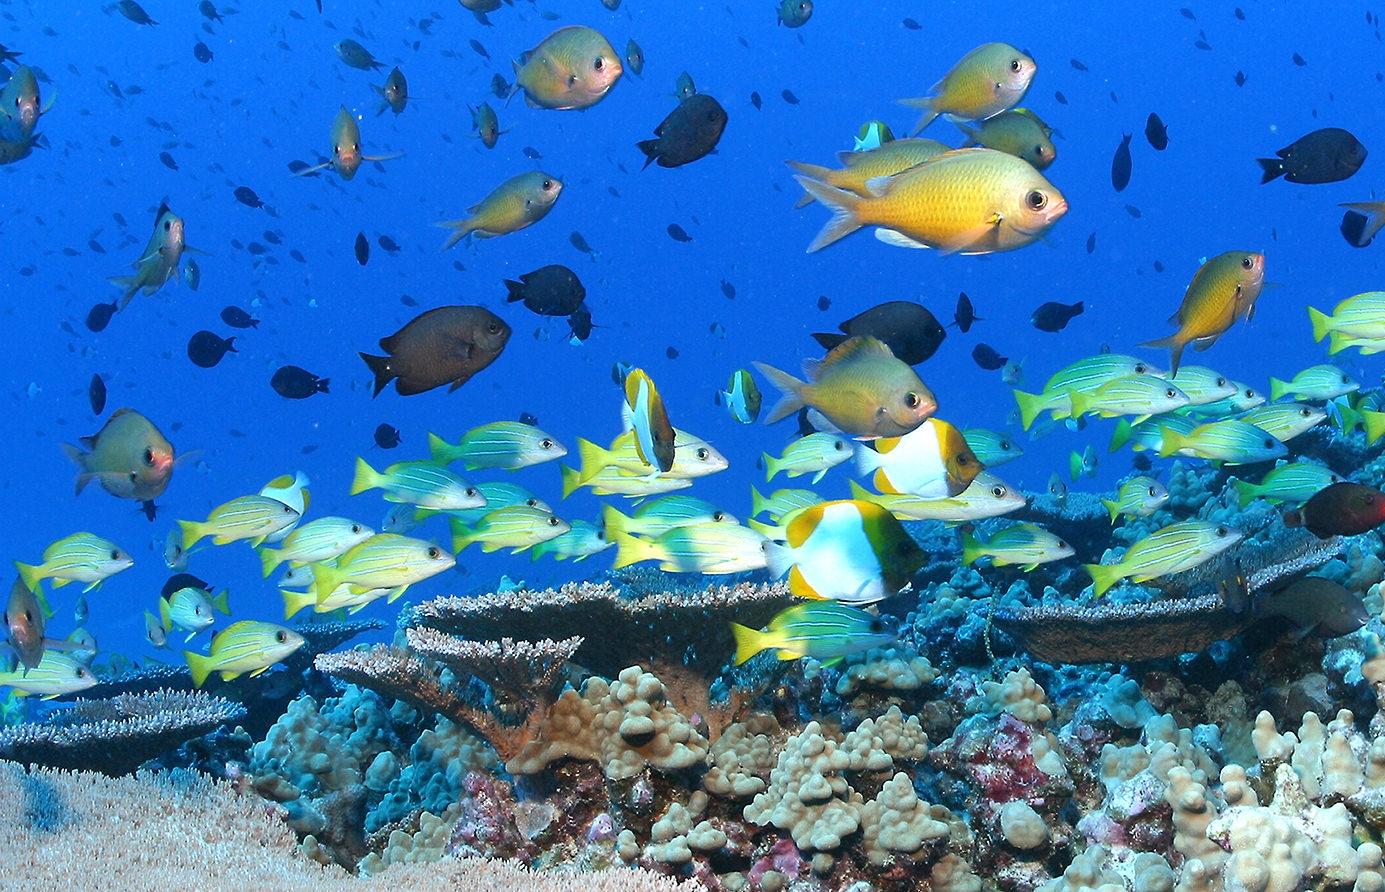 Papahānaumokuākea Marine